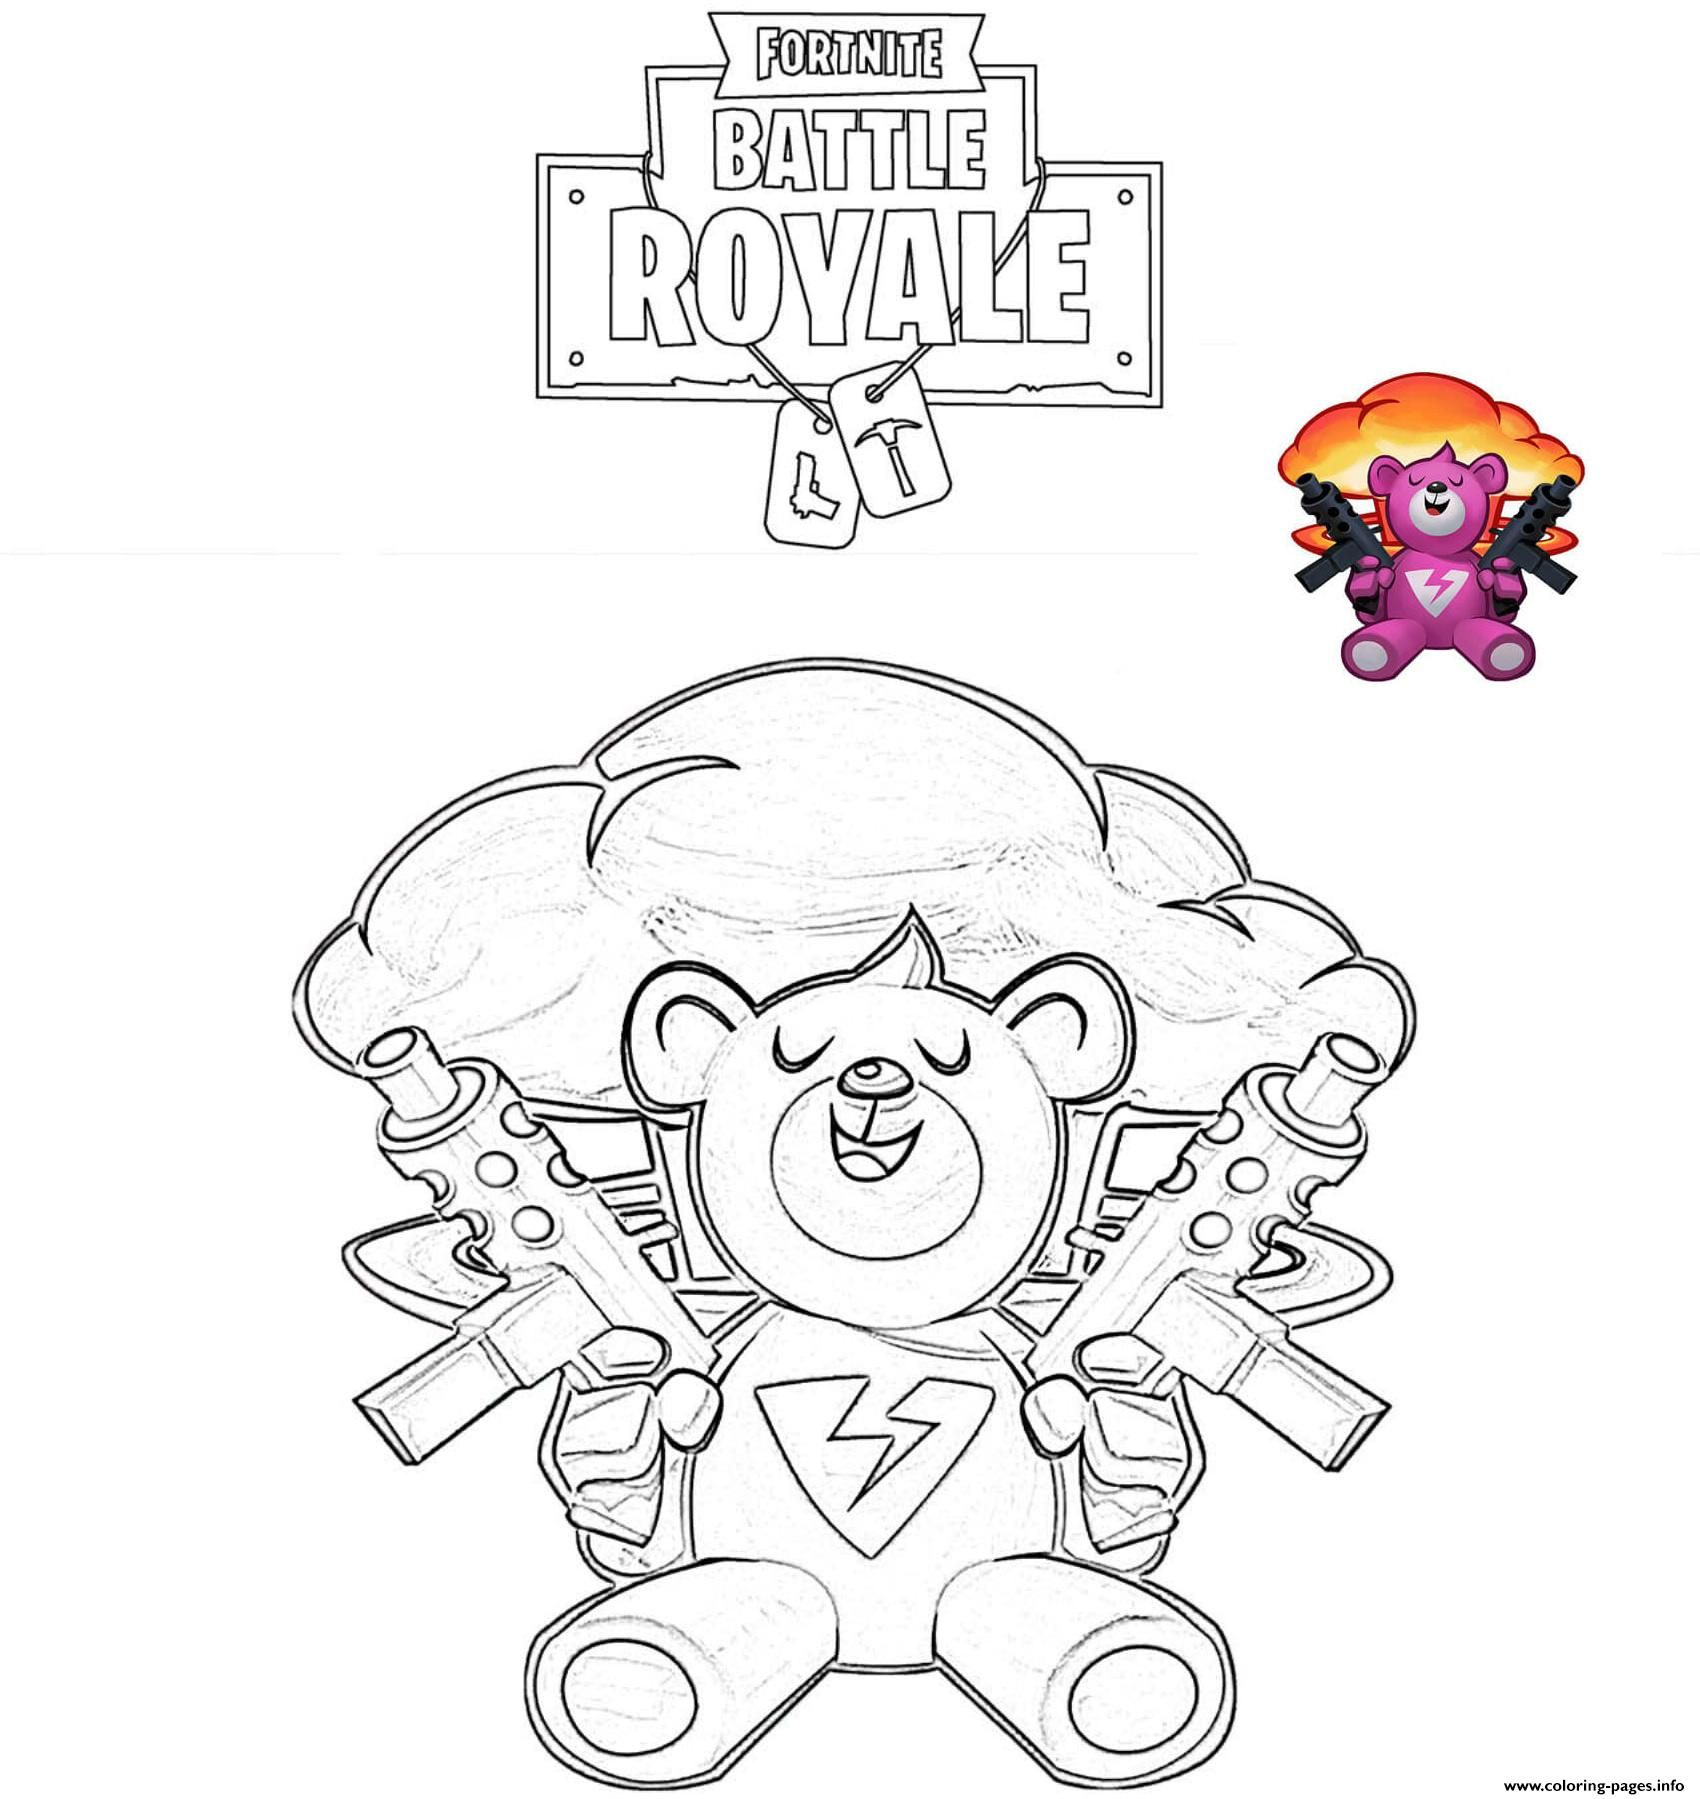 Print Brite Bomber Fortnite Battle Royale Coloring Pages Cartoon Coloring Pages Coloring Pages Coloring Books